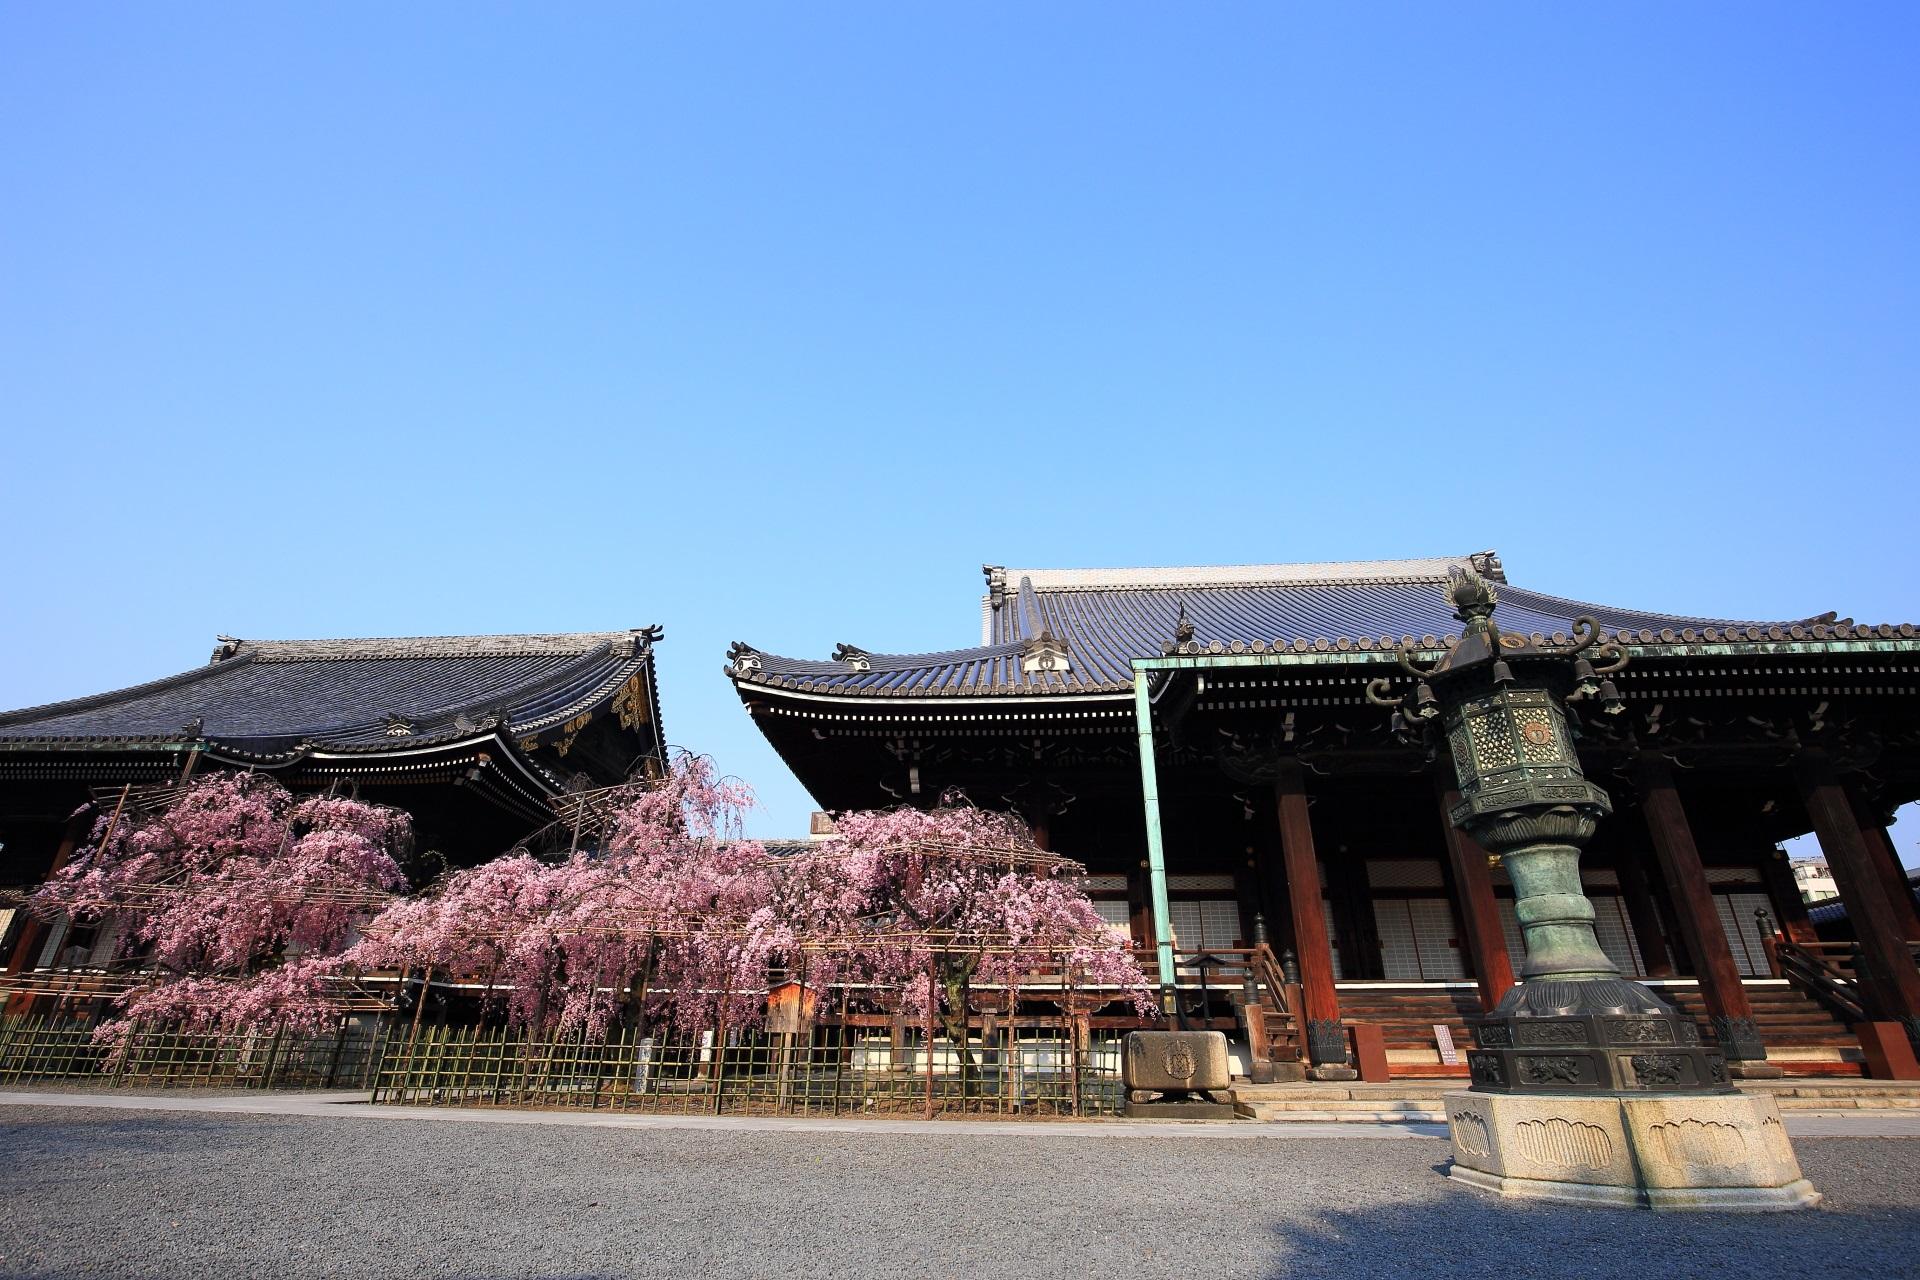 大師堂と阿弥陀堂としだれ桜